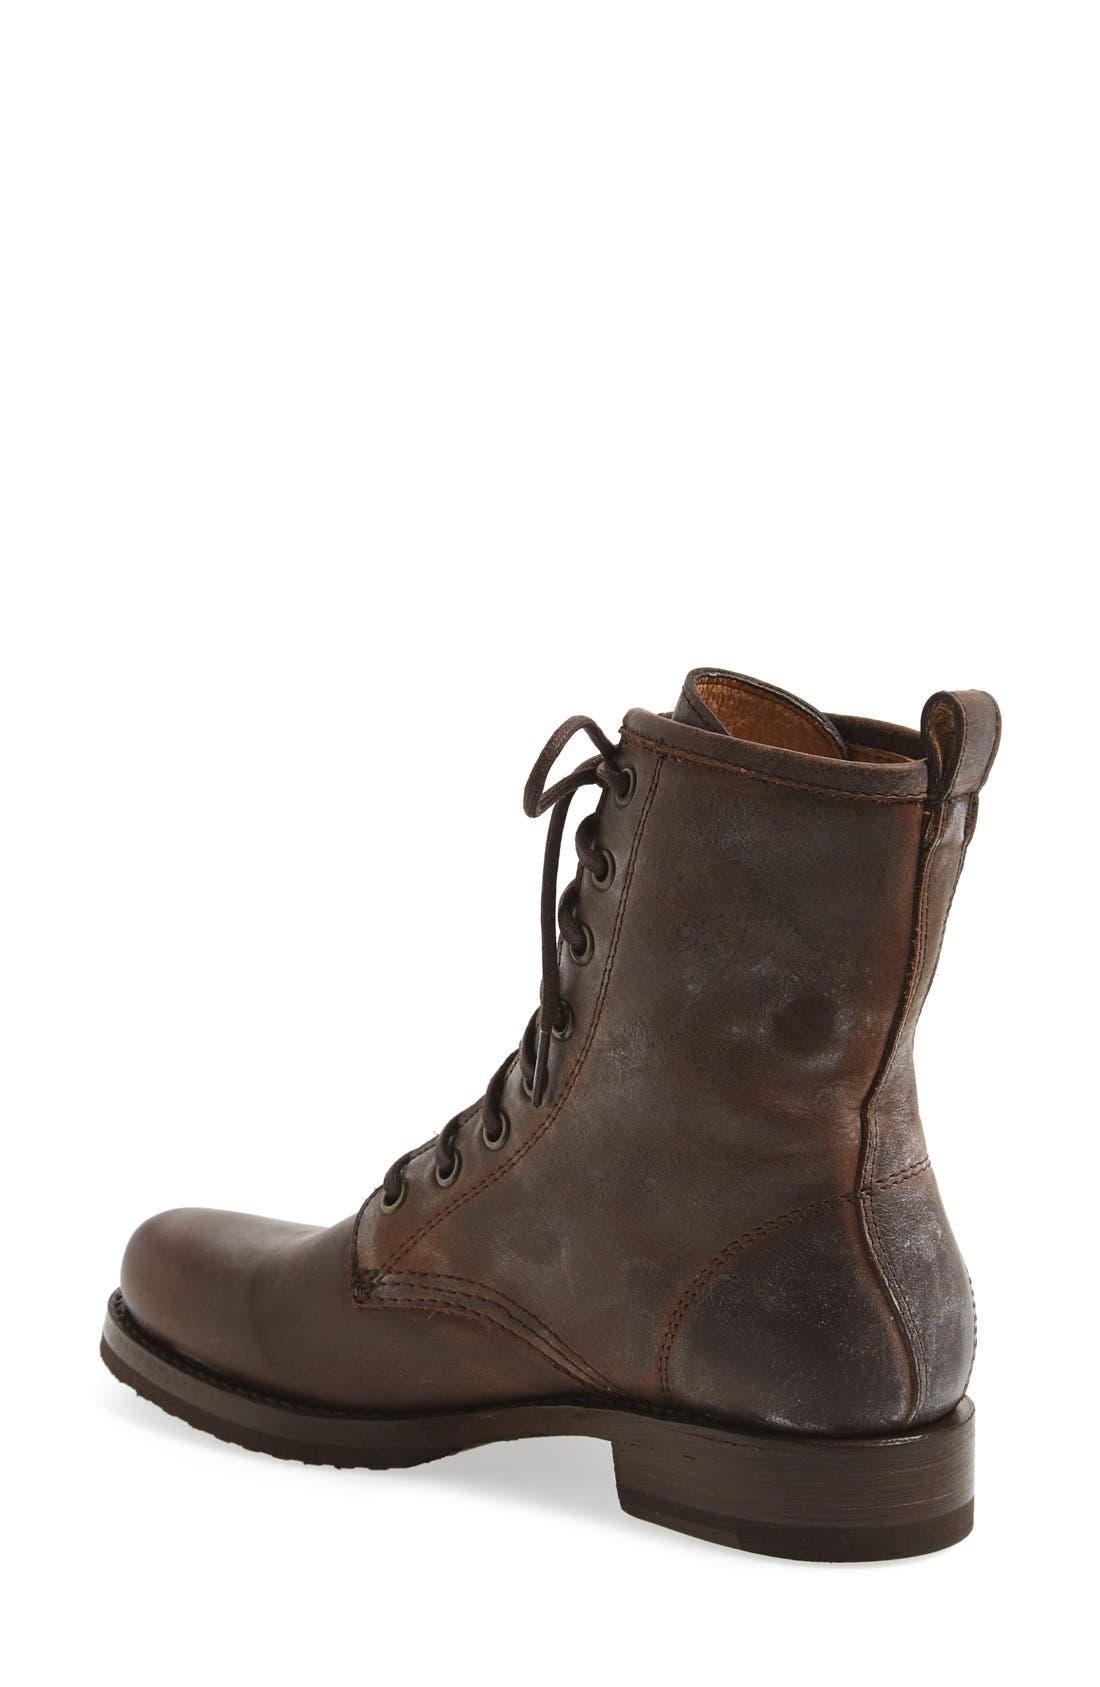 Alternate Image 2  - Frye 'Veronica Combat' Boot (Women)